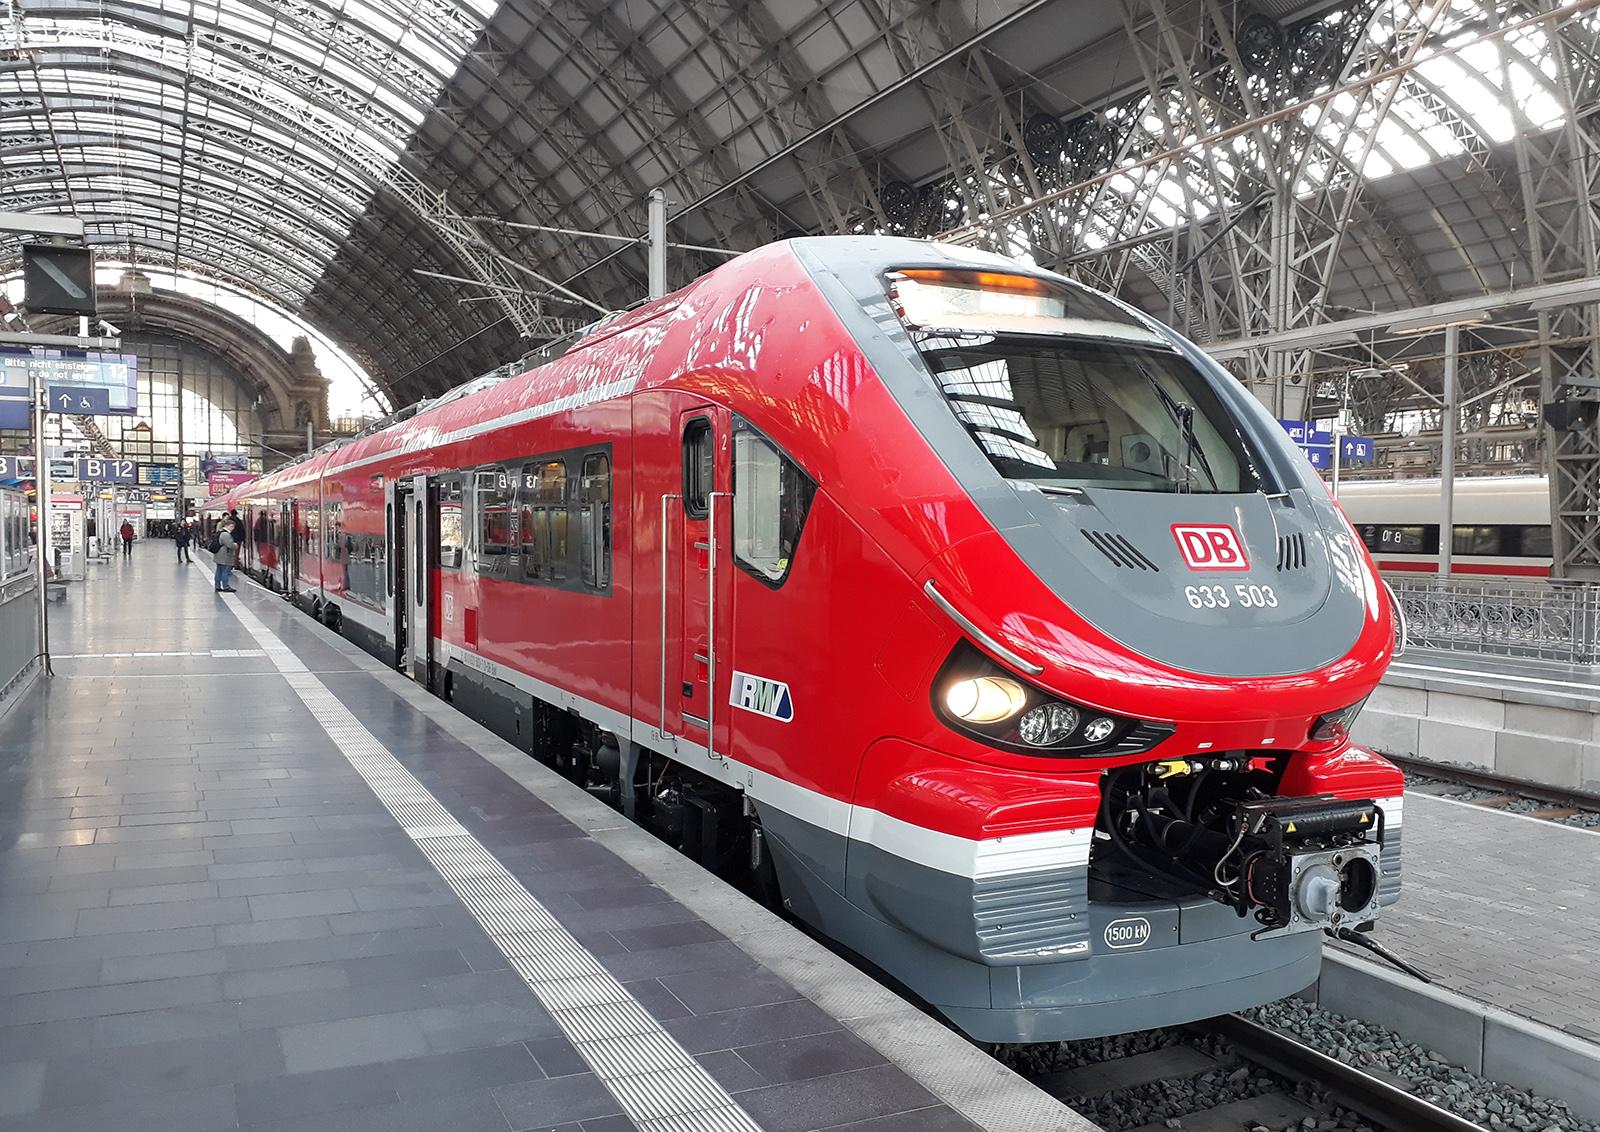 【德國交通票券】德國高鐵早鳥火車票 ICE Super Saver - 不限起訖點單程17.9歐起 - 小正子的遊樂園